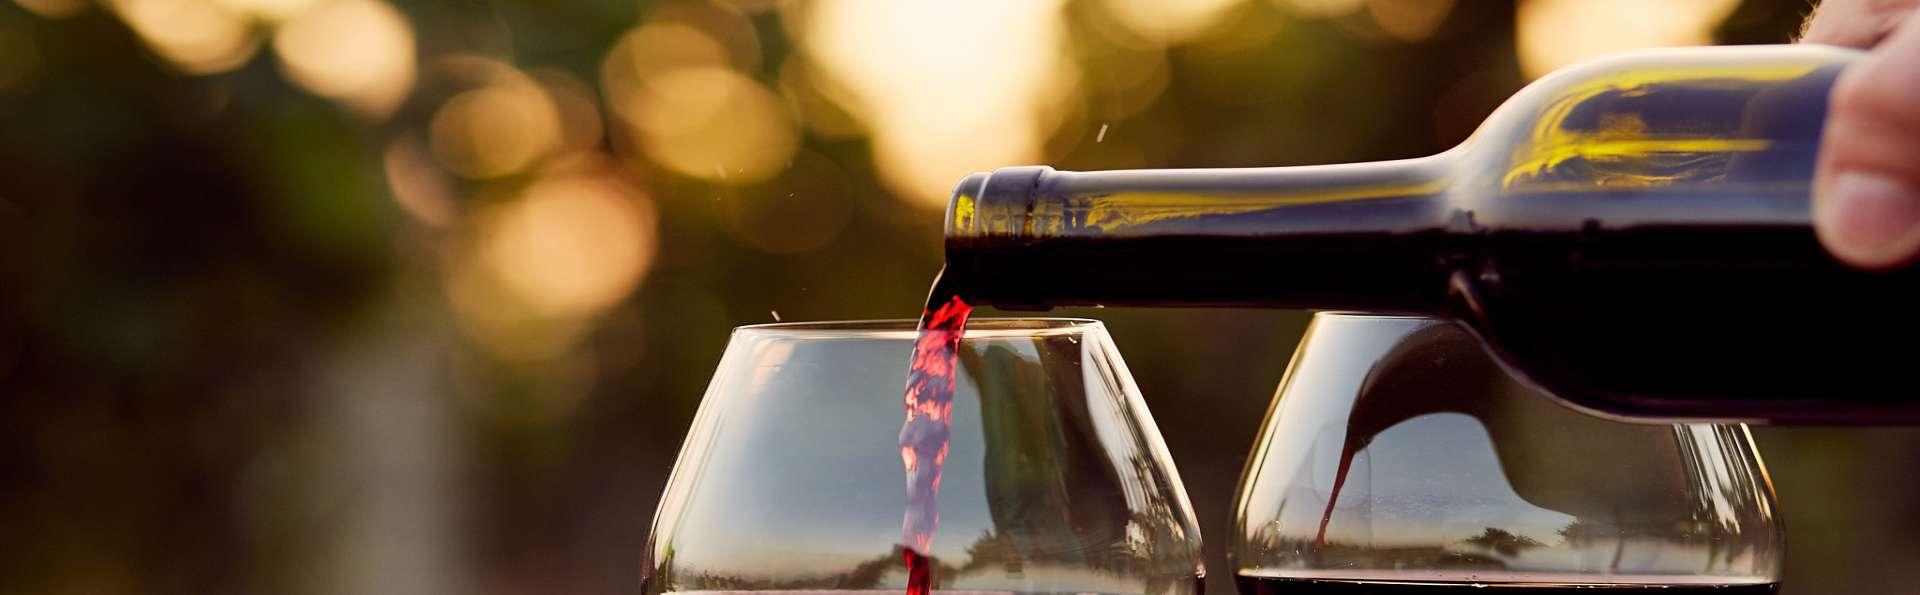 Week-end bien être avec bouteille de vin régional aux portes de Bordeaux